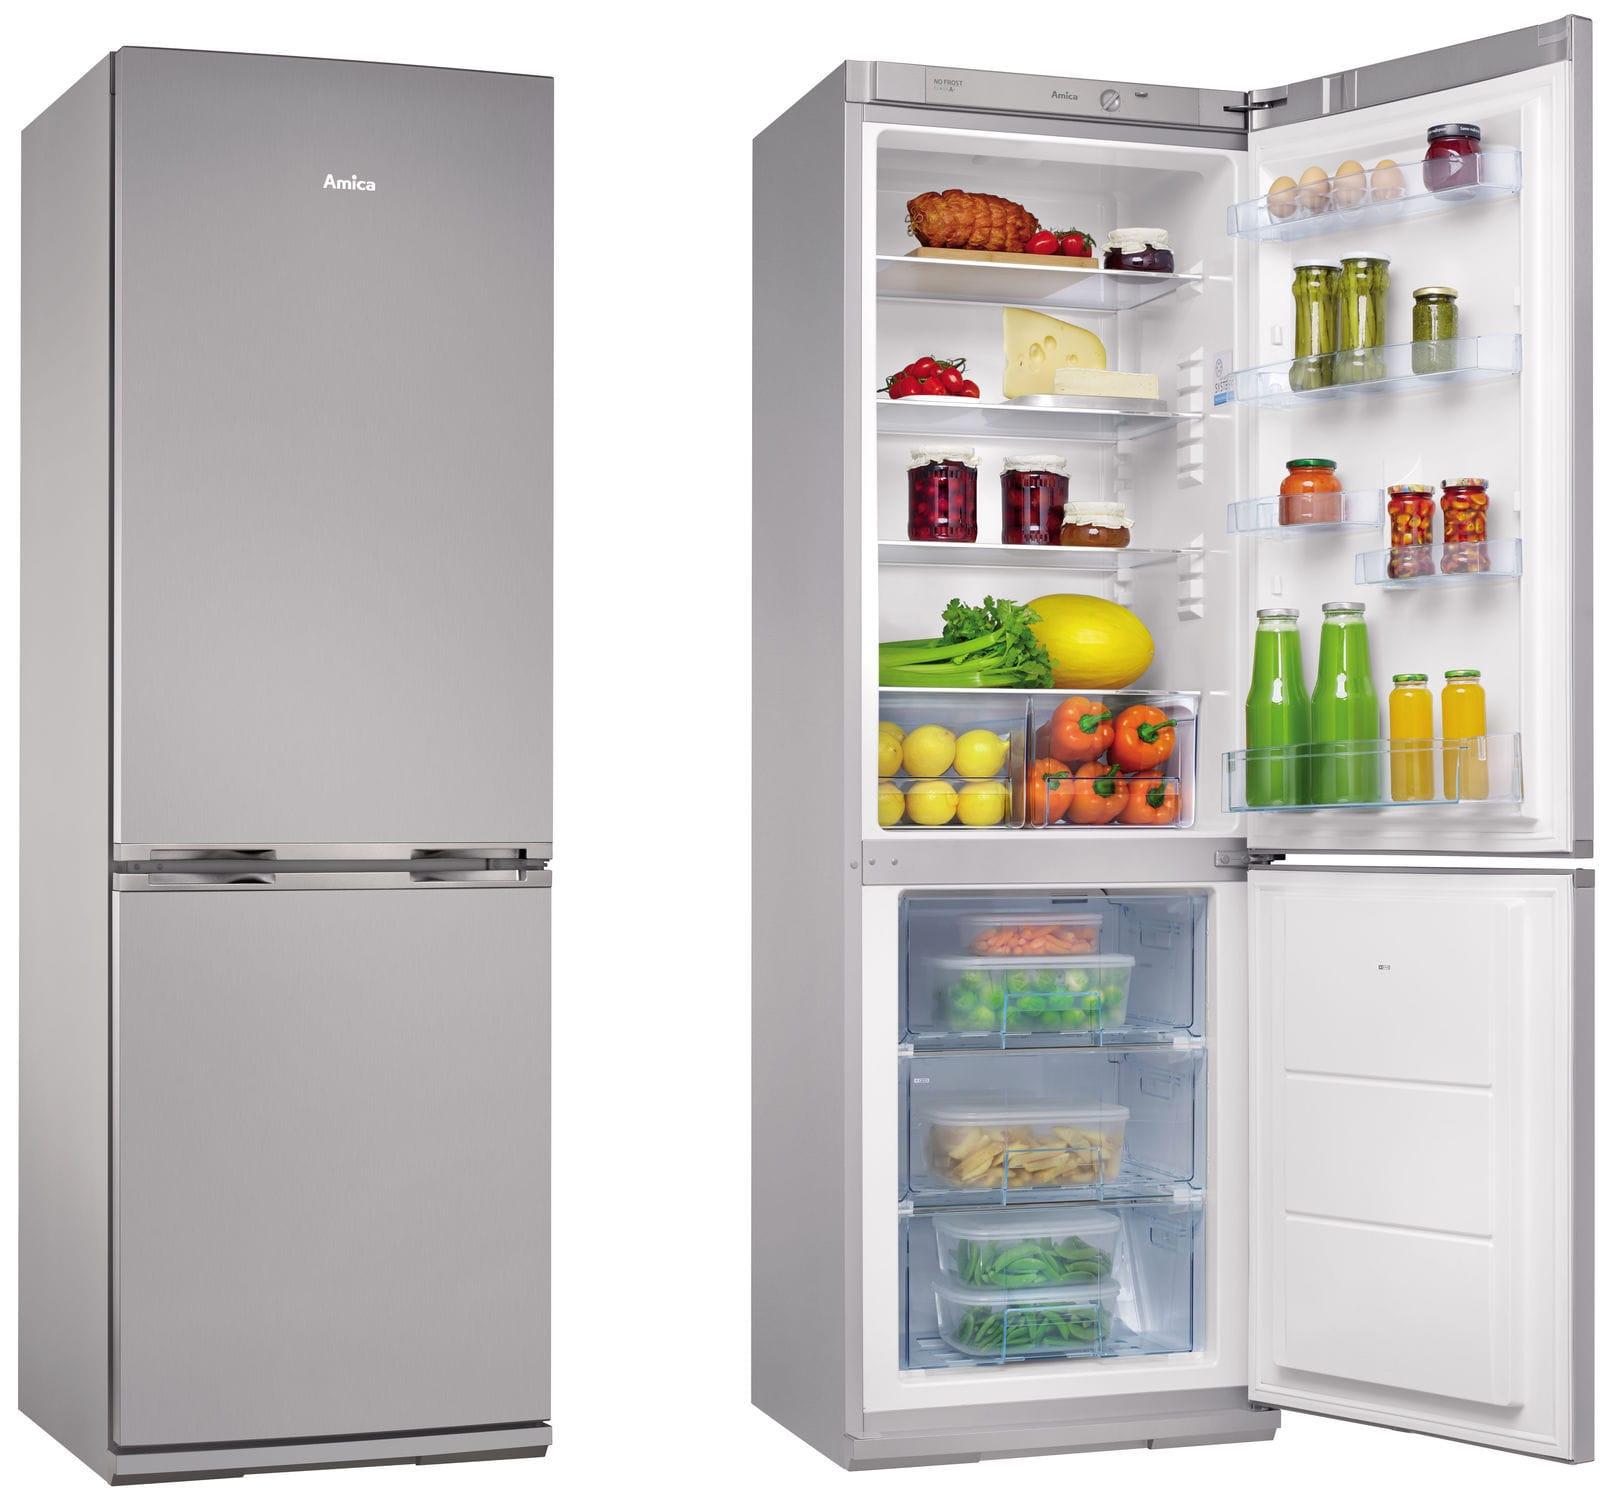 Attractive Residential Refrigerator Freezer / Double Door / Bottom Freezer   FK328.4FX